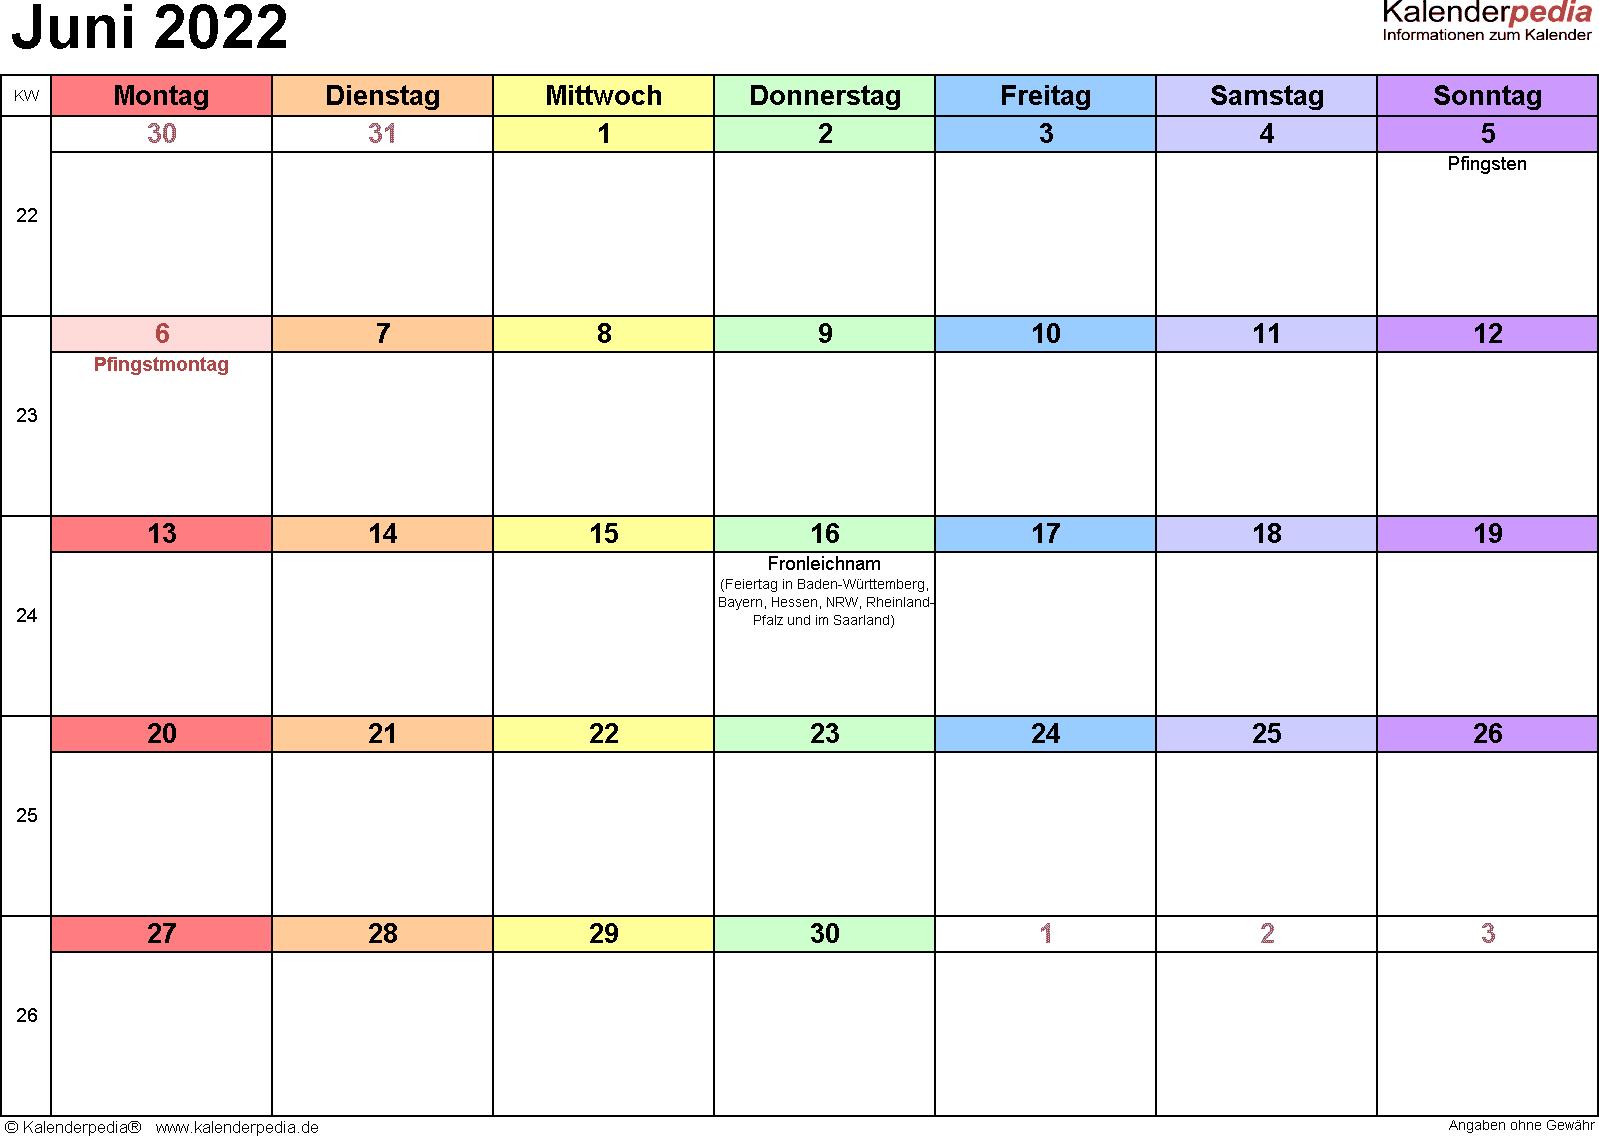 Kalender Juni 2022 (Querformat) als Word-Vorlage